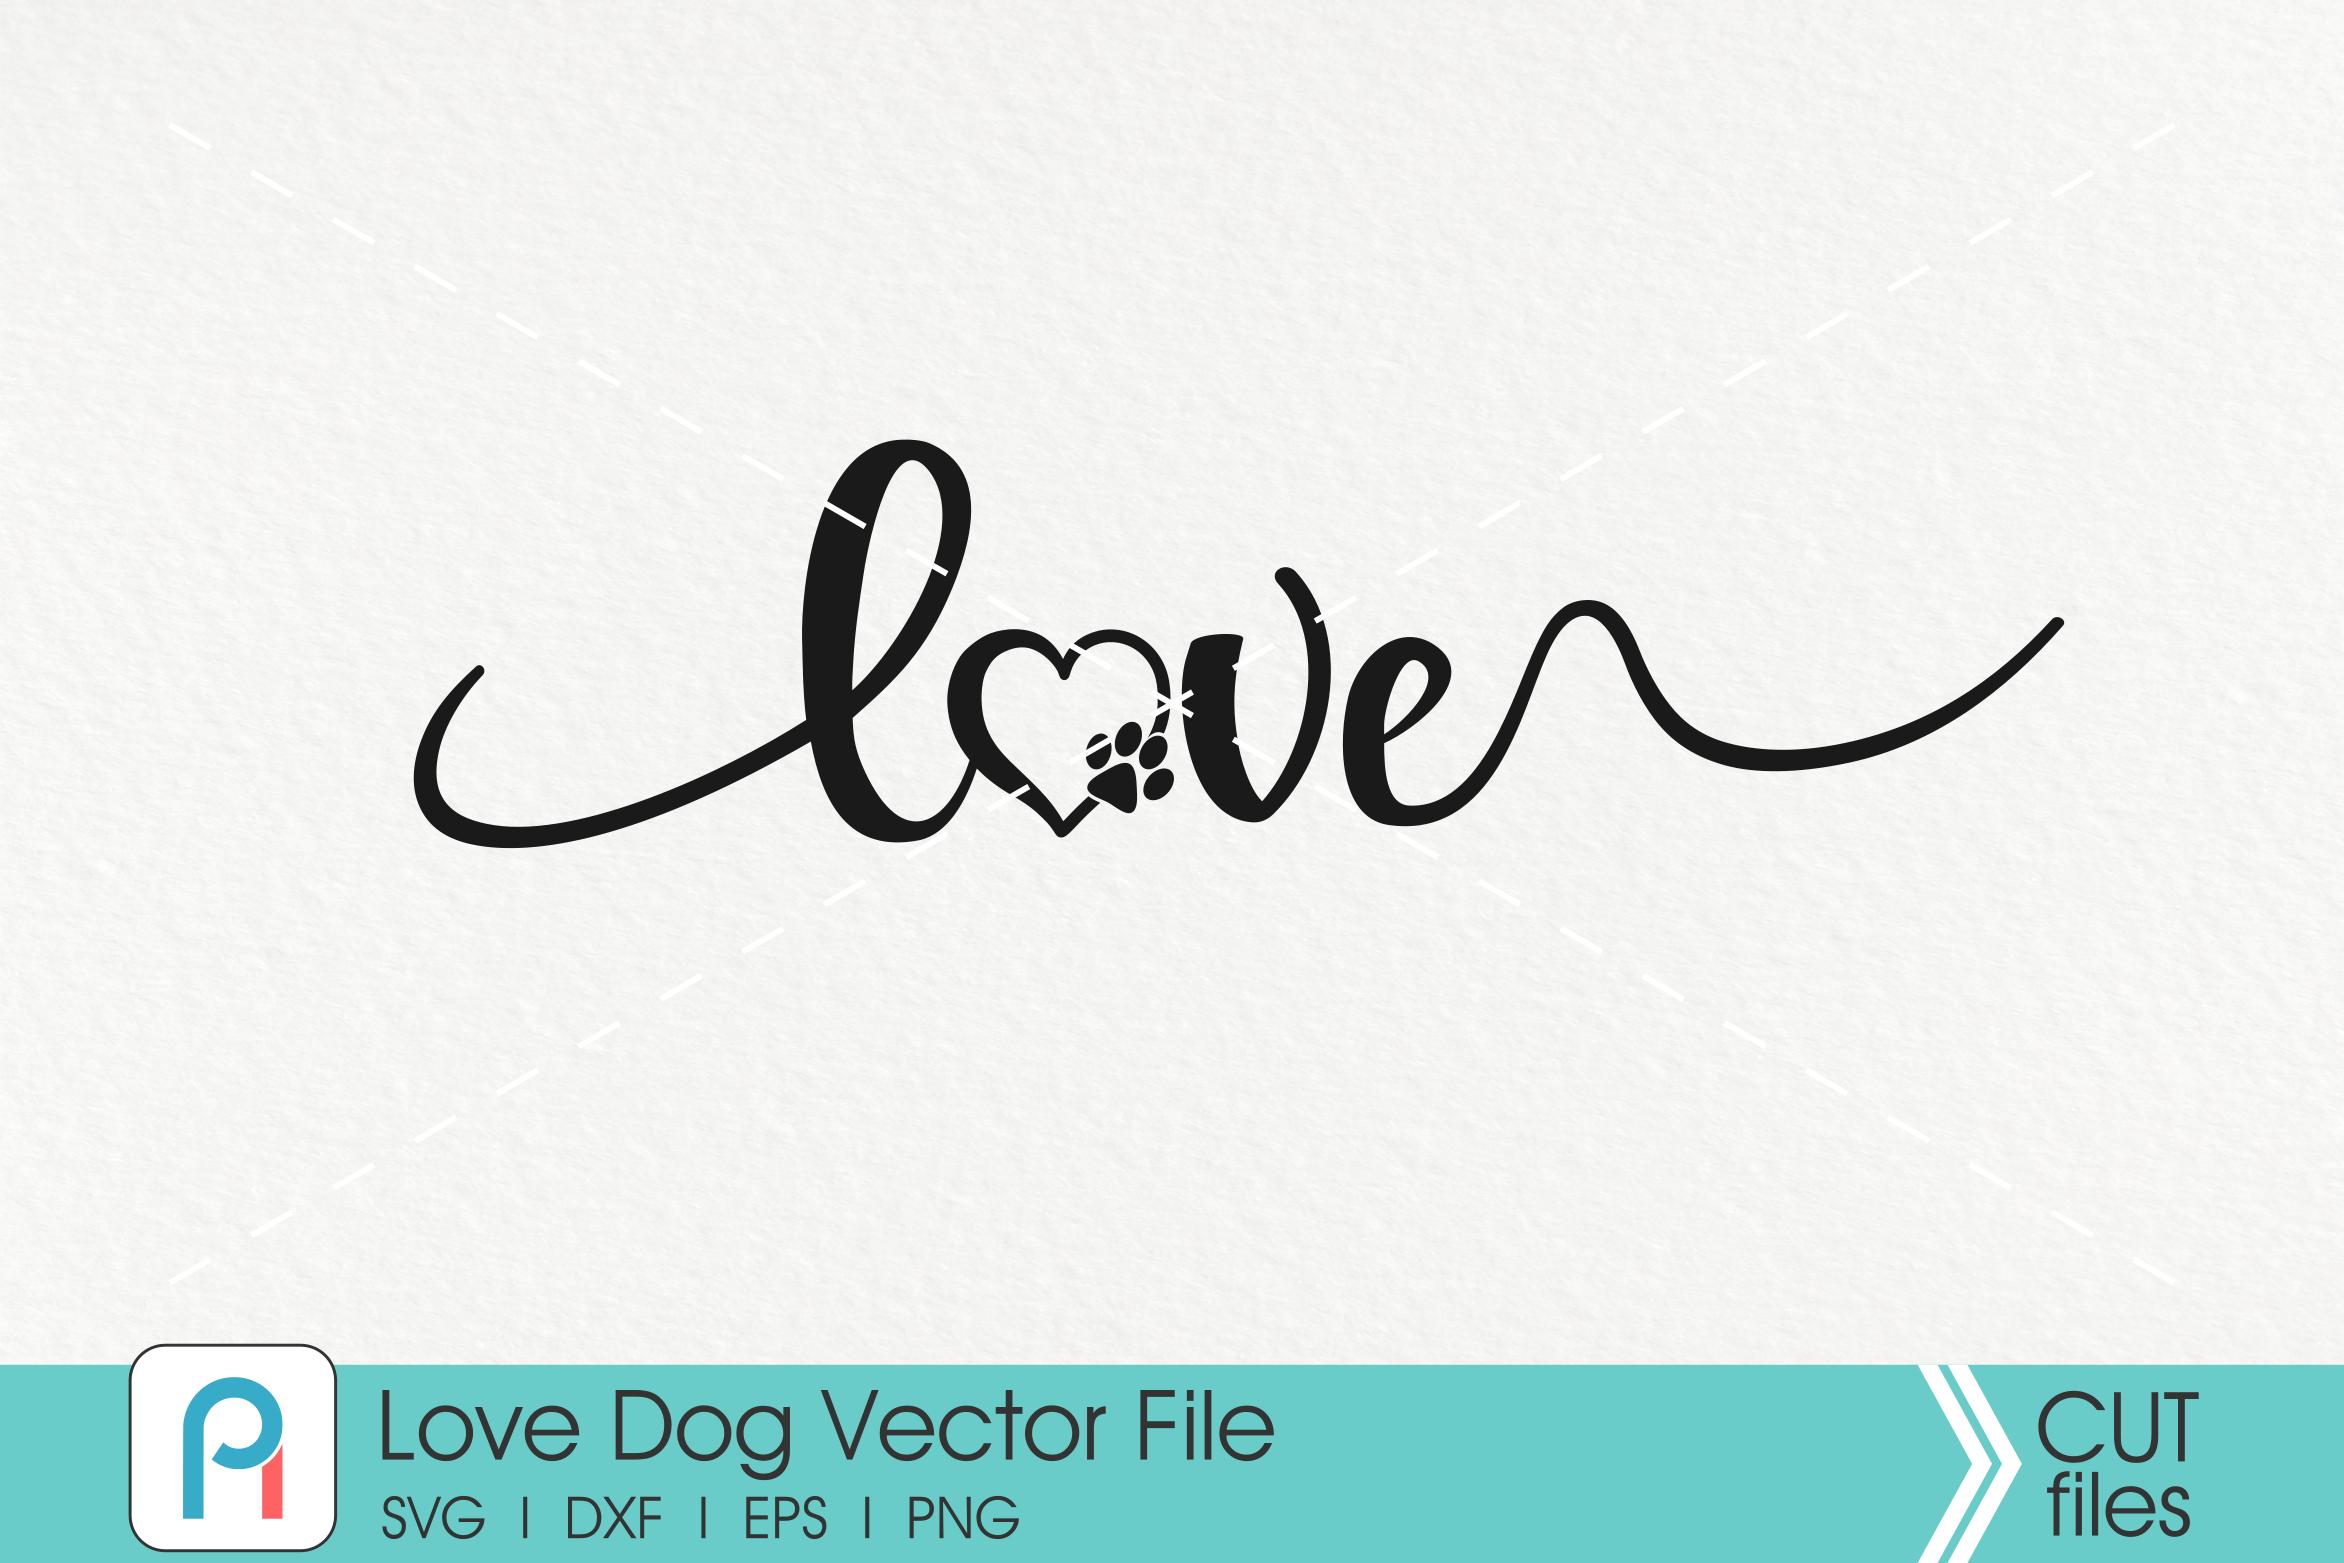 Download Paw Svg, Dog Svg, Love Svg, Love Paw Svg, Dog Lover Svg ...